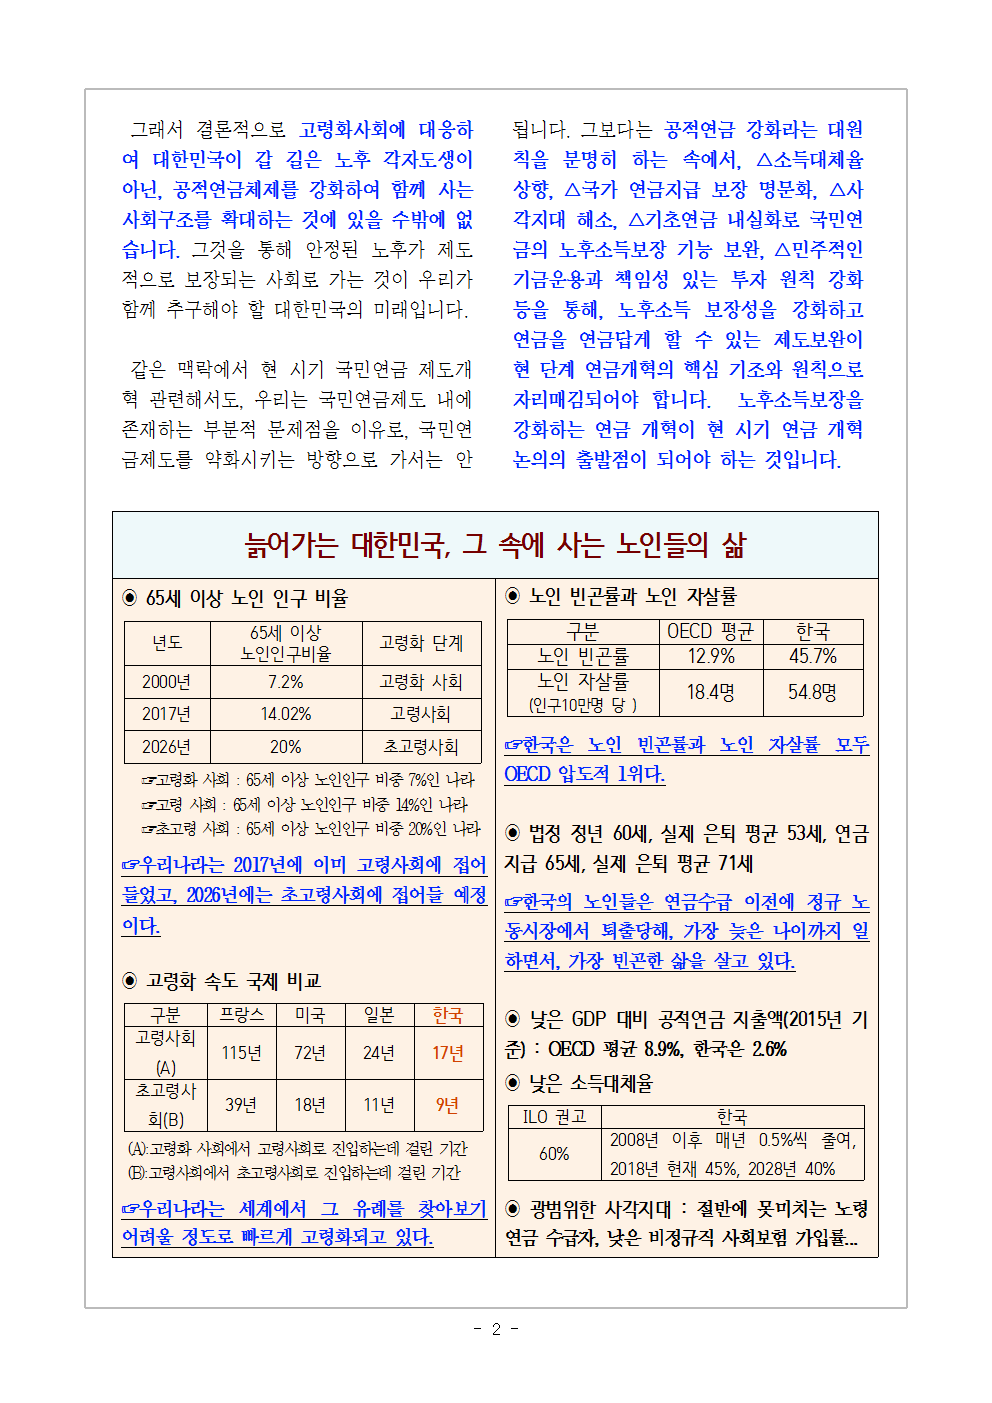 [2018 교육지-10] 국민연금 개혁 6대 요구안002.png